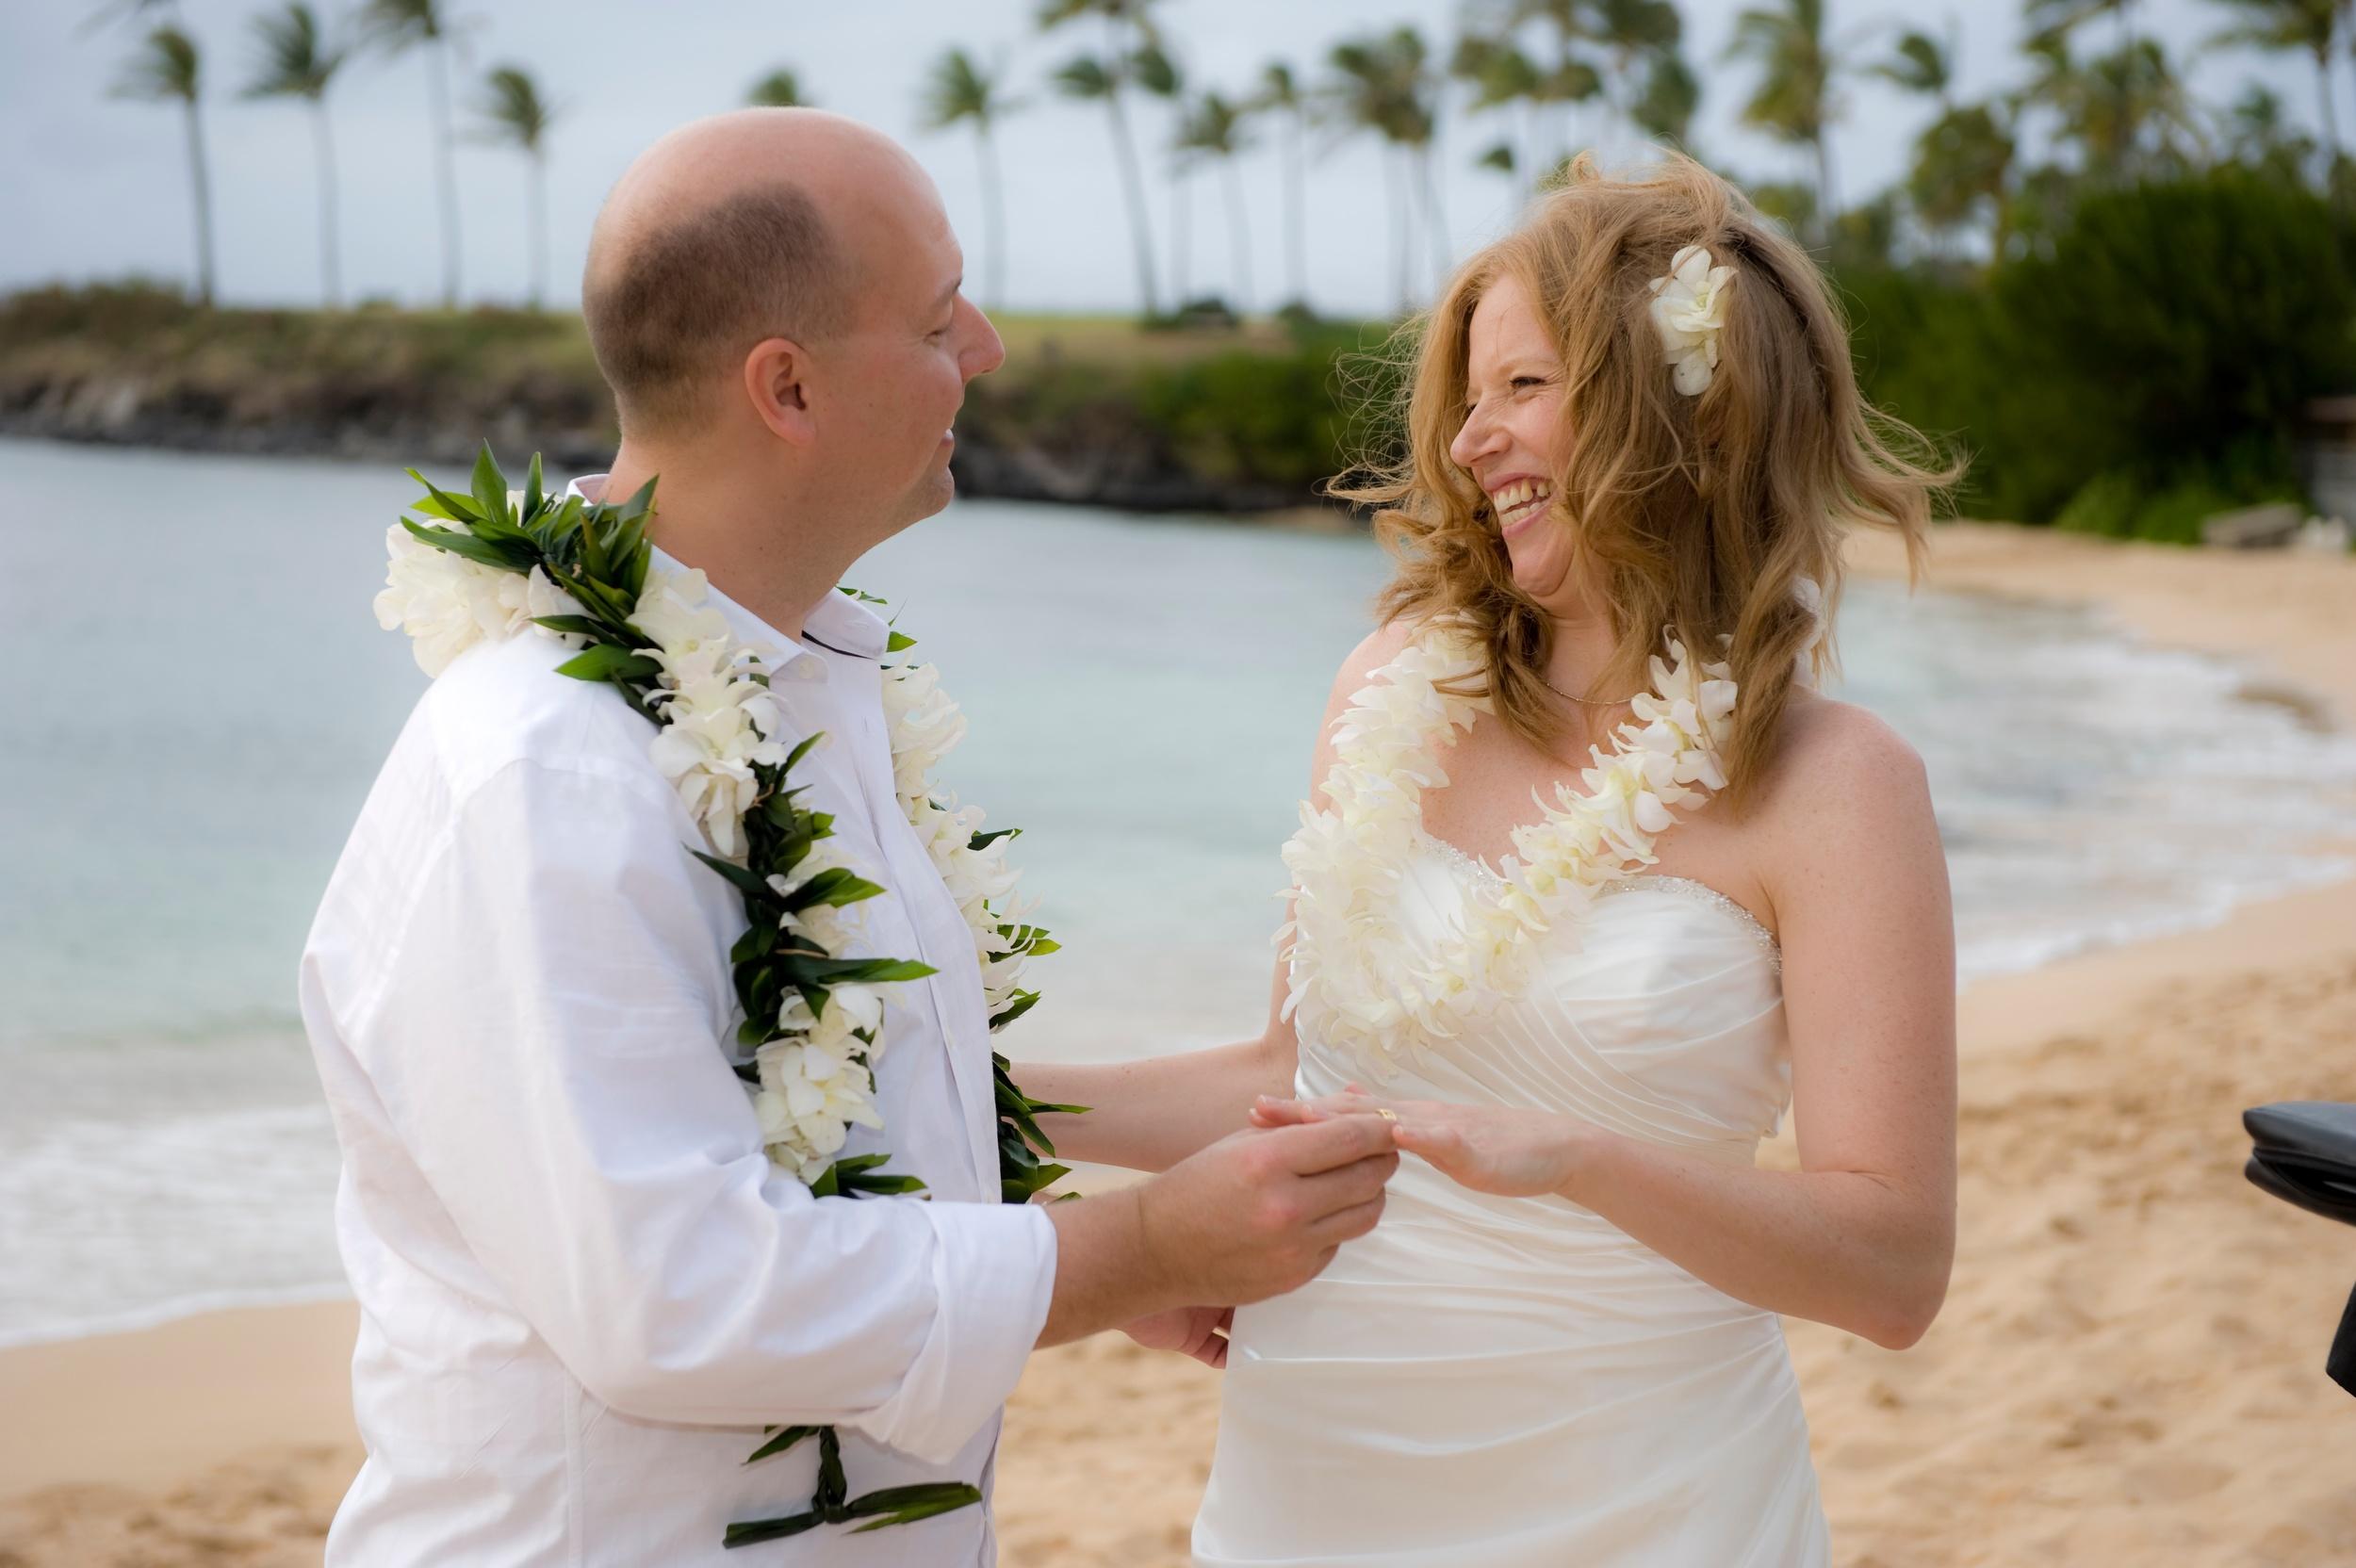 Wedding++31700-1852471472-O.jpg